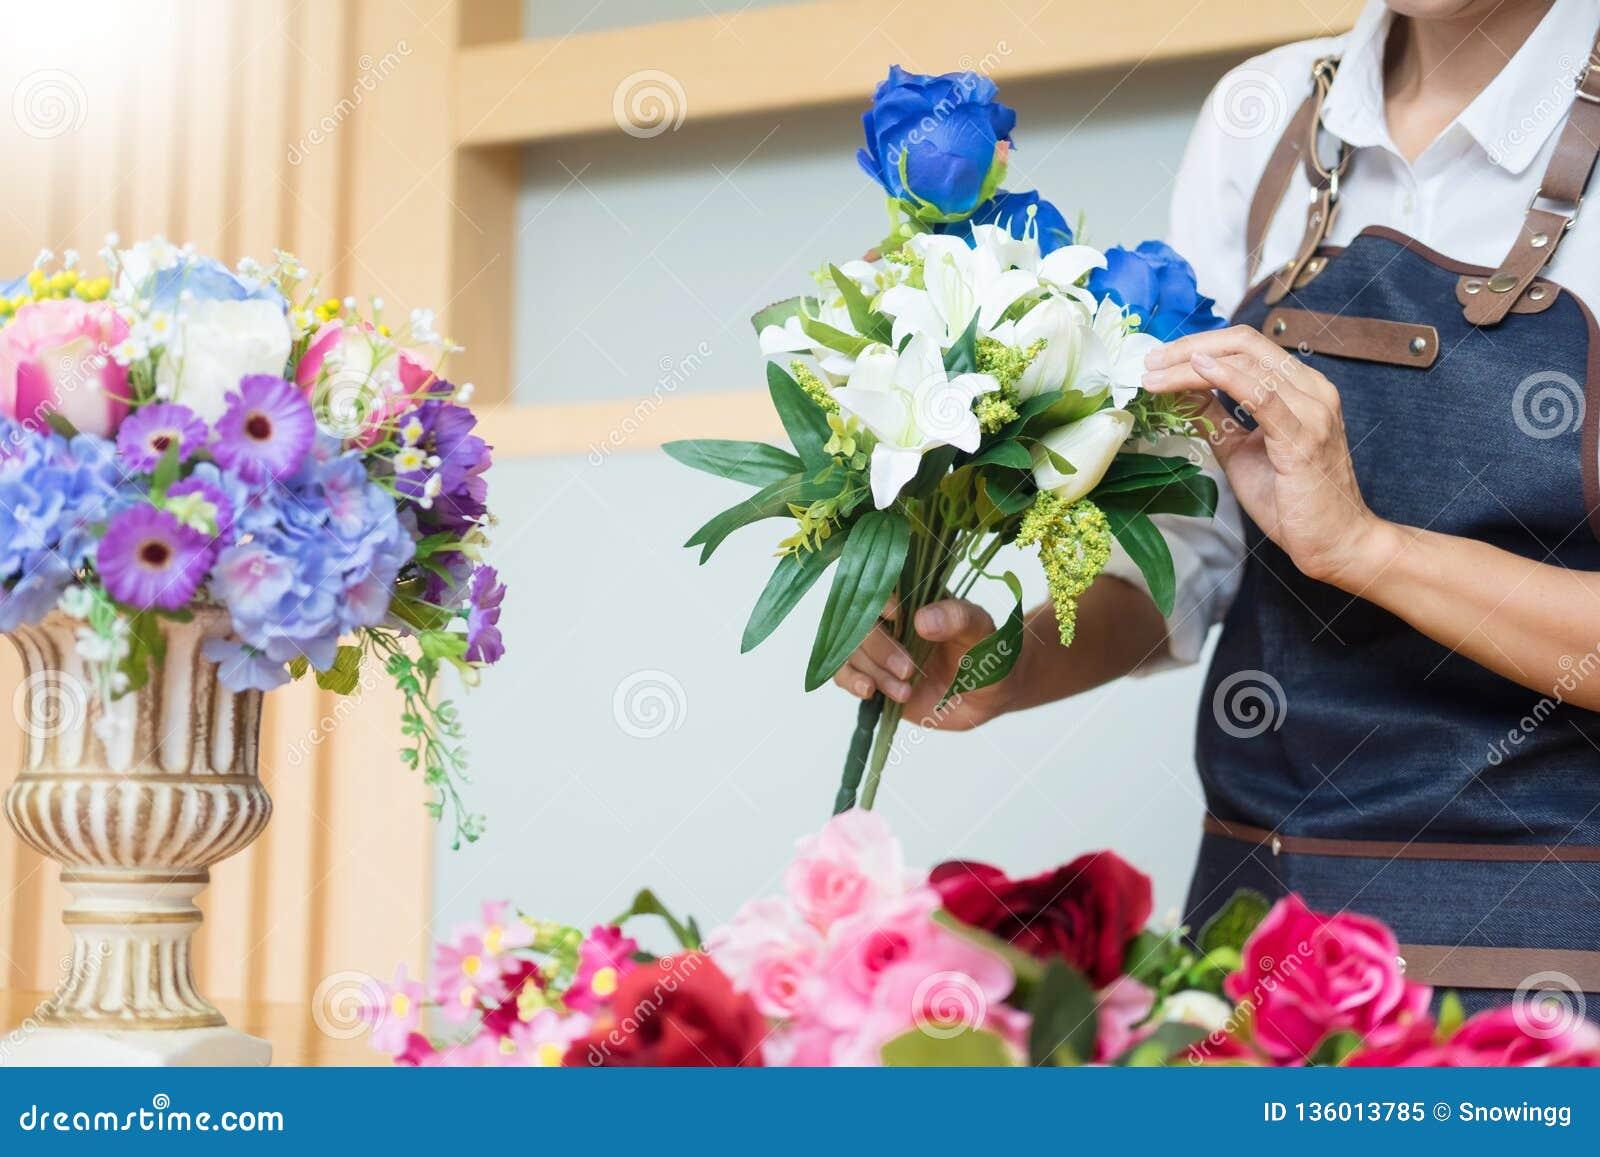 Θηλυκός ανθοκόμος στην εργασία που χρησιμοποιεί την τακτοποίηση κάνοντας την όμορφη τεχνητή ανθοδέσμη να περιβάλει στο ανθοπωλείο